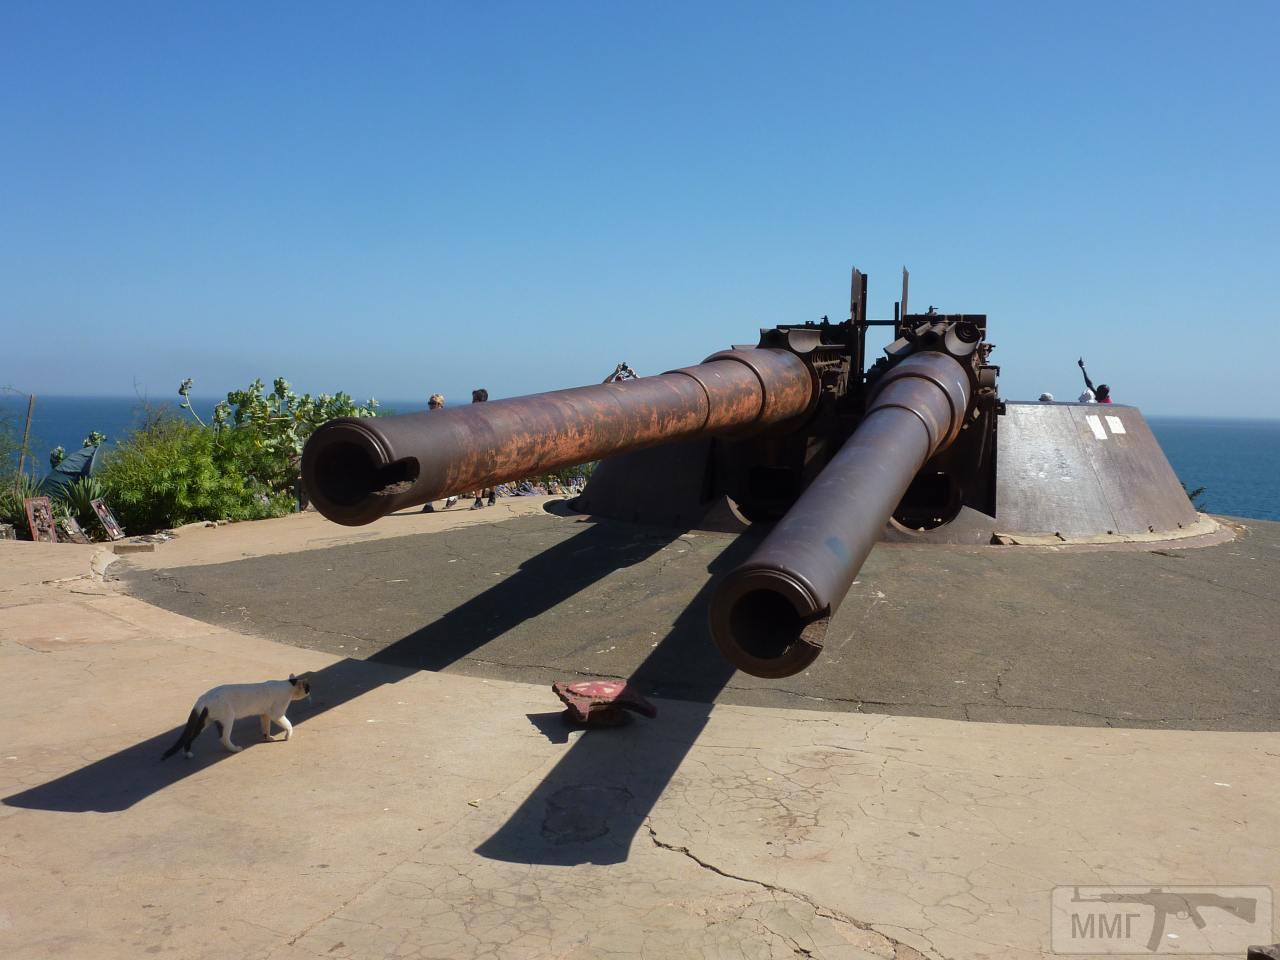 61453 - Корабельные пушки-монстры в музеях и во дворах...